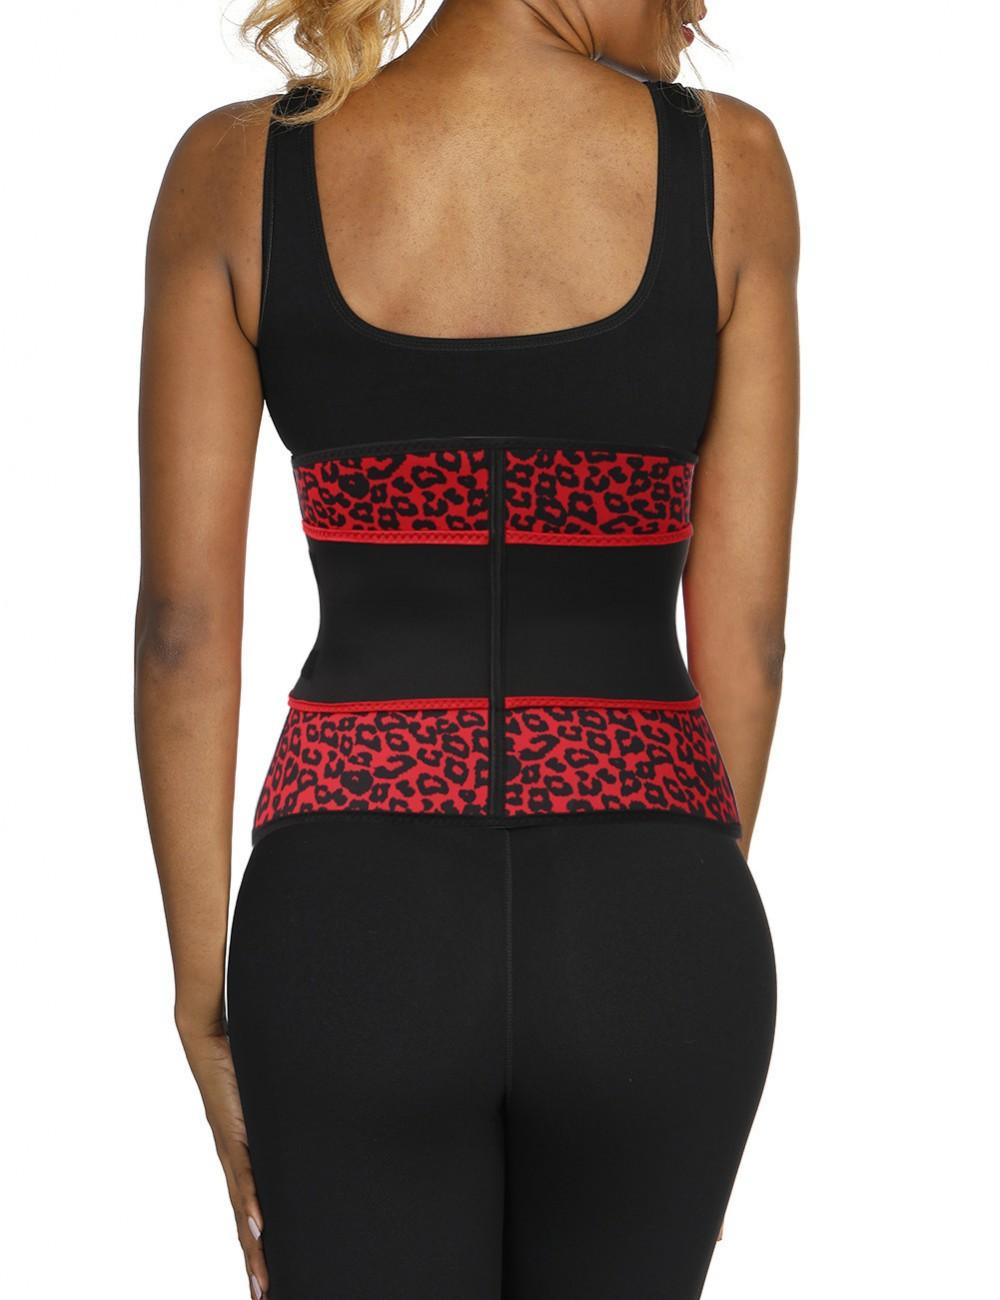 Neoprene Leopard Belt Big Size Best Shapewear For Stomach Custom Logo